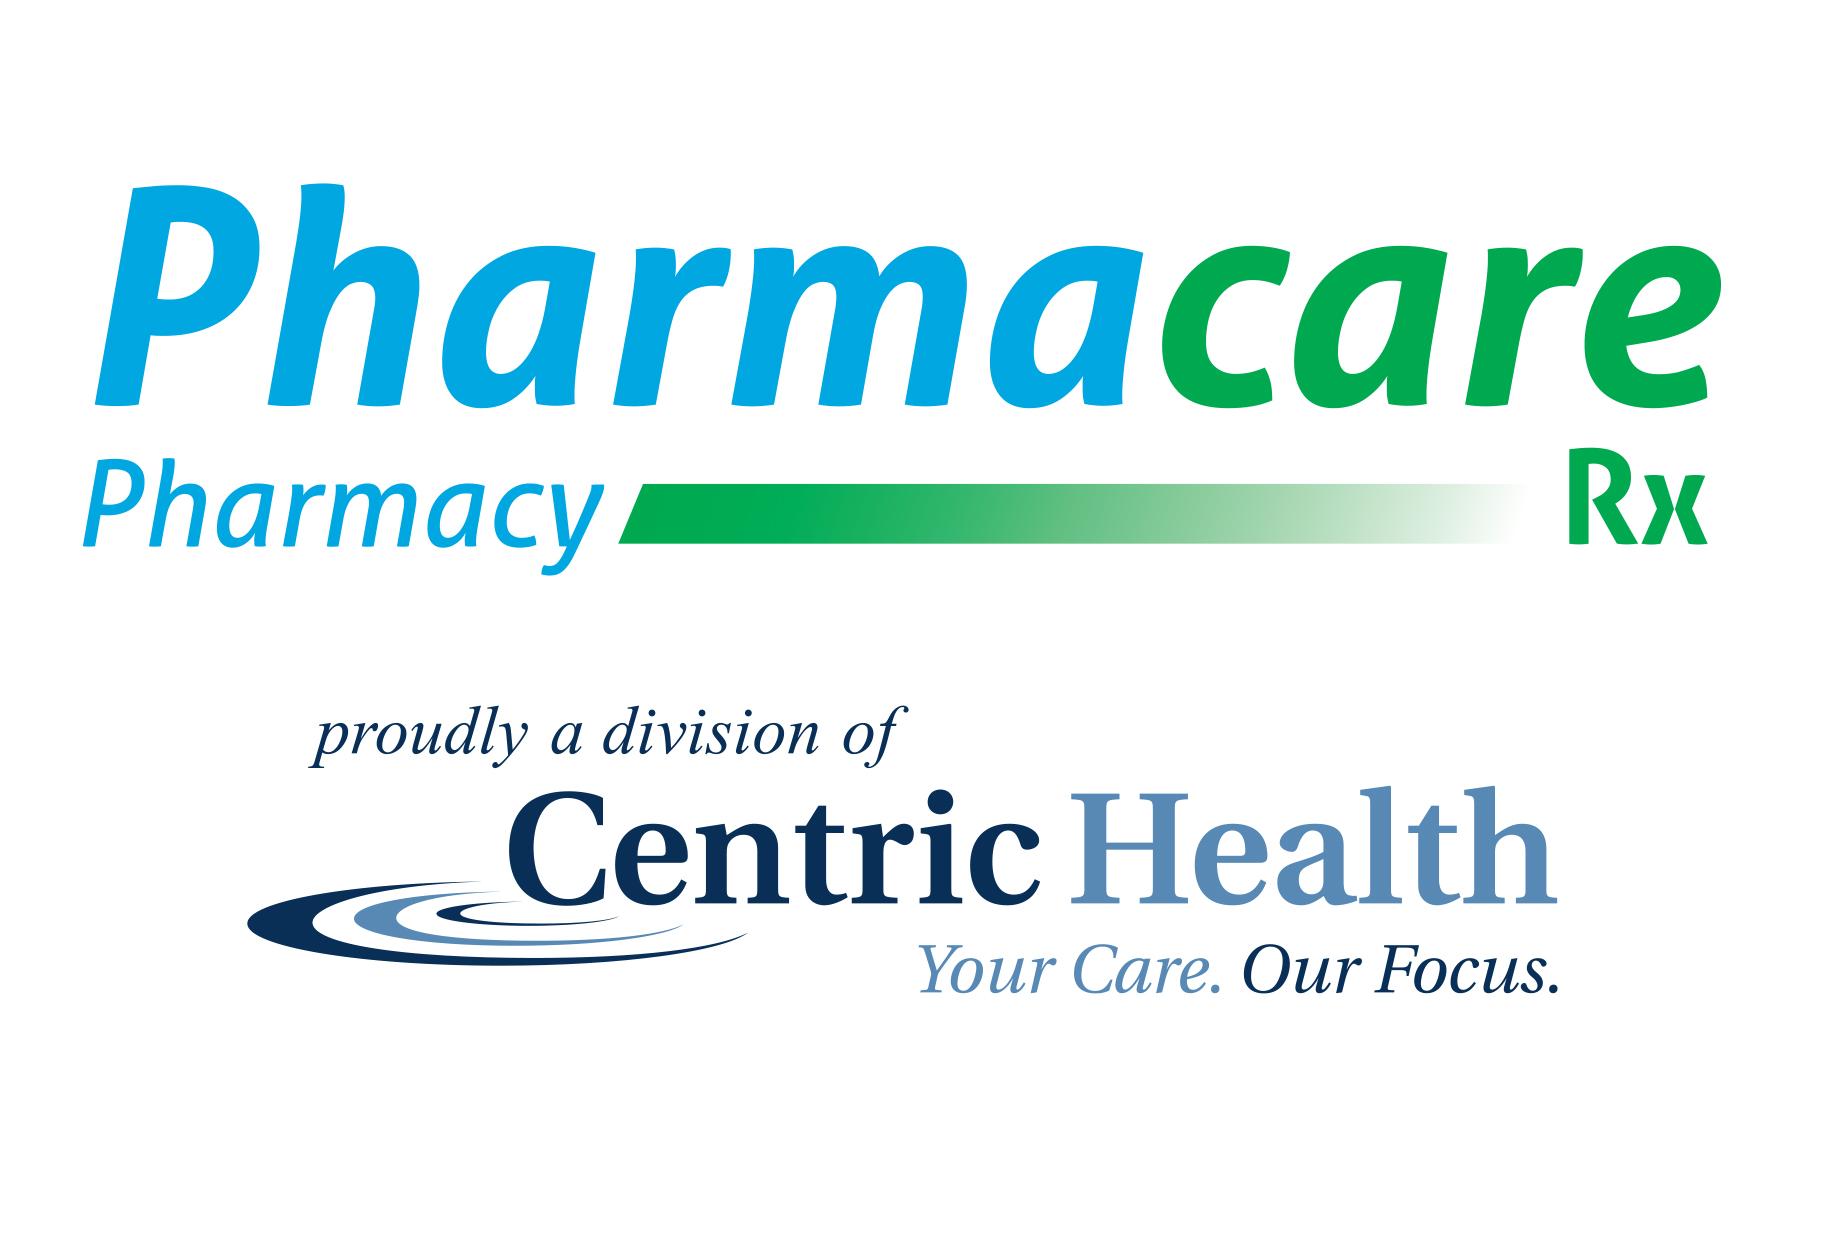 6508-PharmaCare-Division logo.jpg